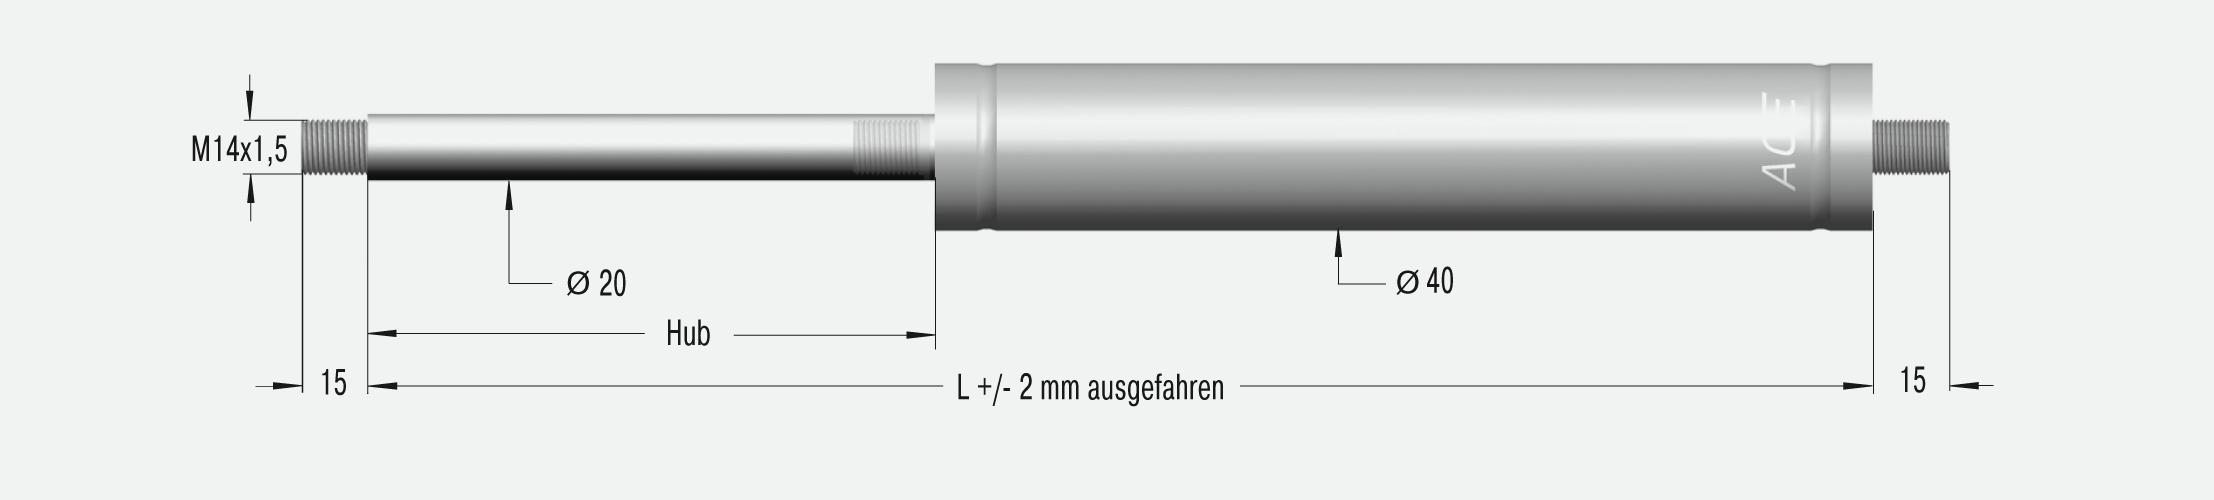 GS-40-500-V4A